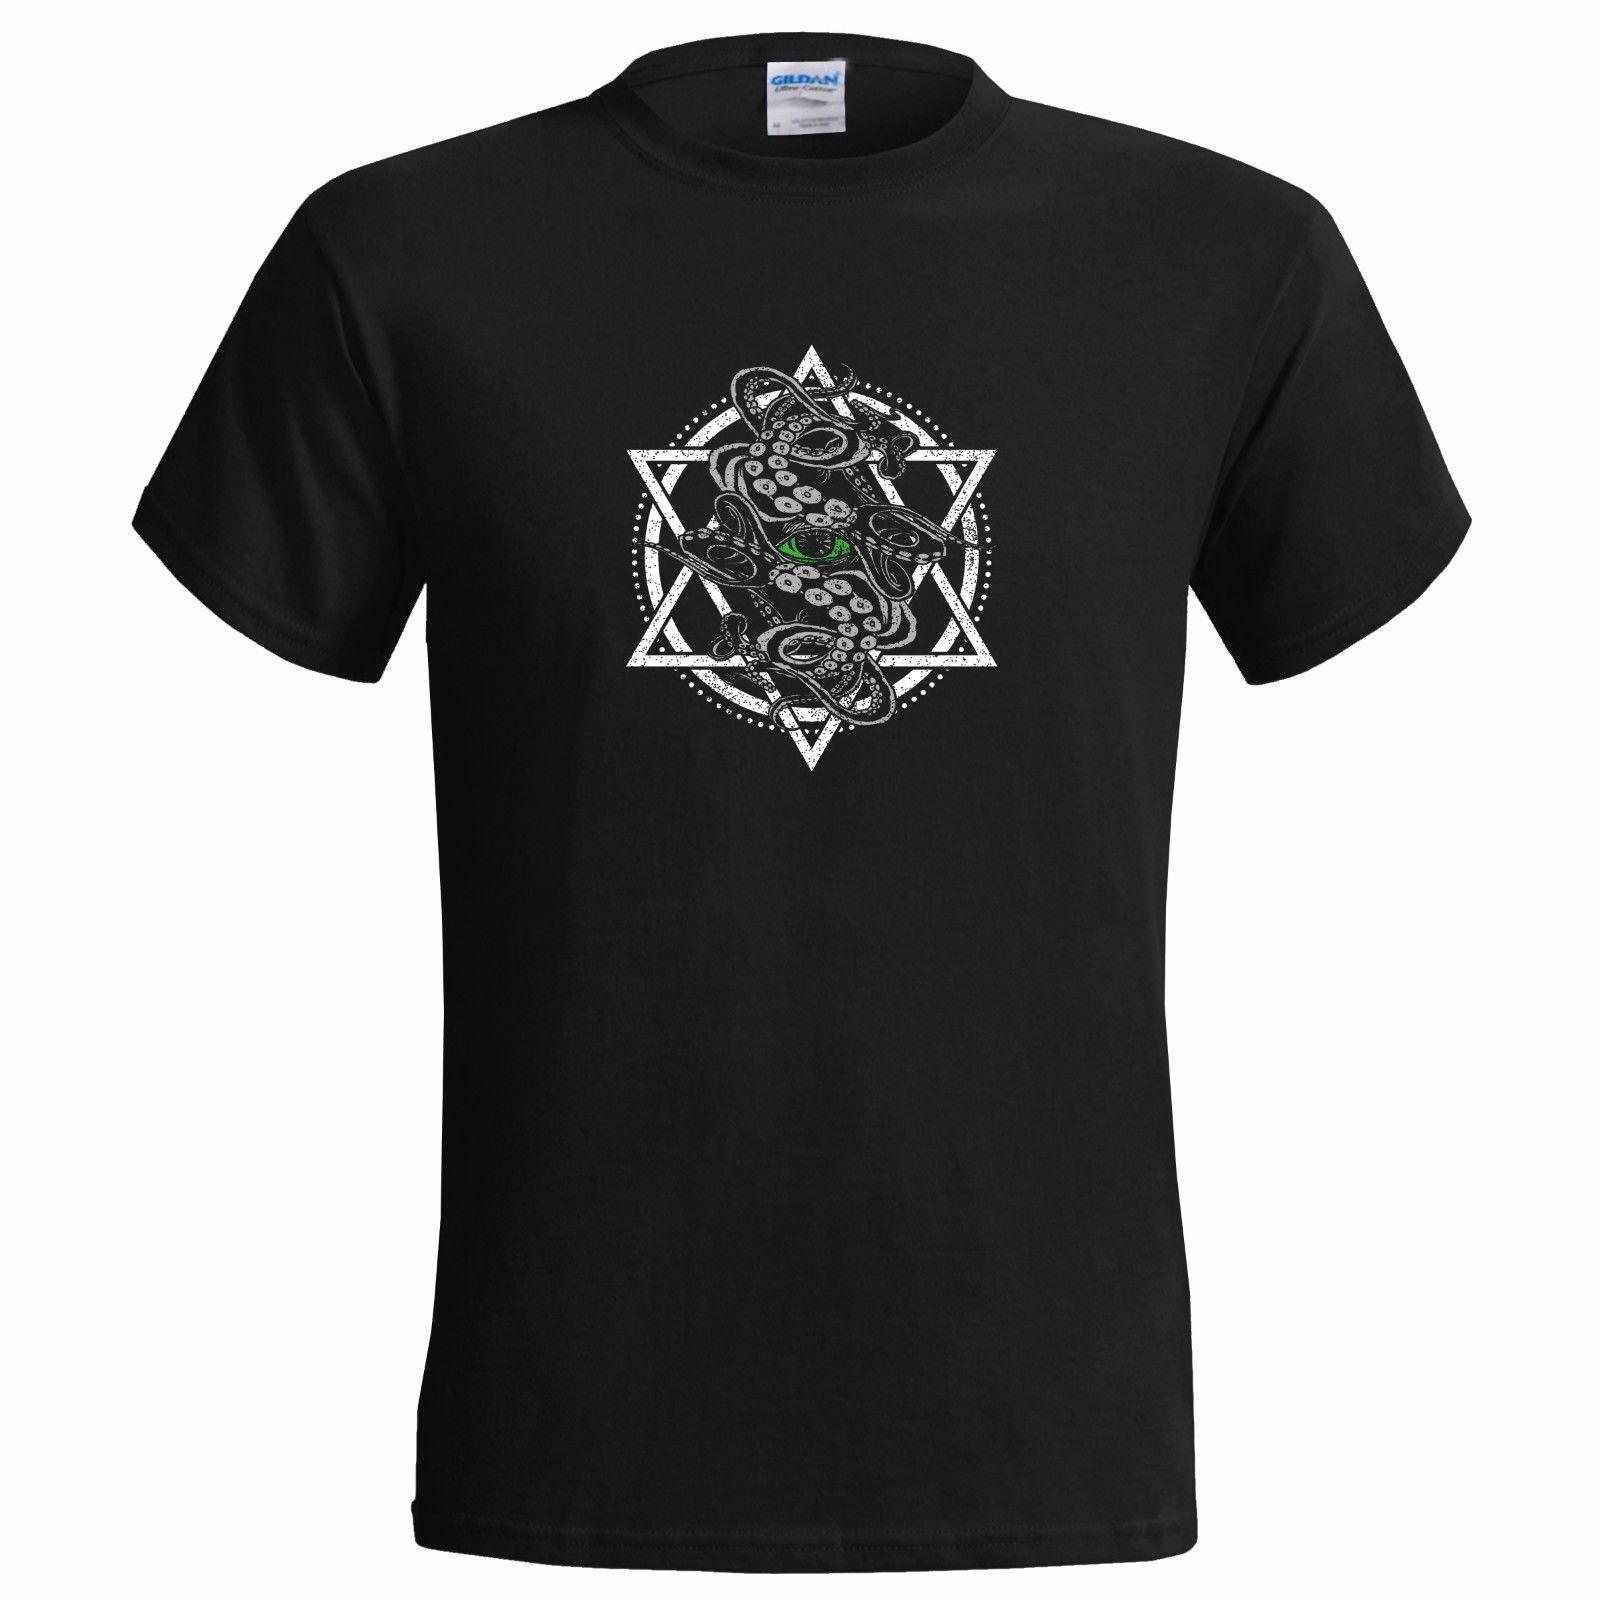 Cyaegha Pentagram Mens T Shirt Cyegha Tattoo Pagan Nihilism Cult